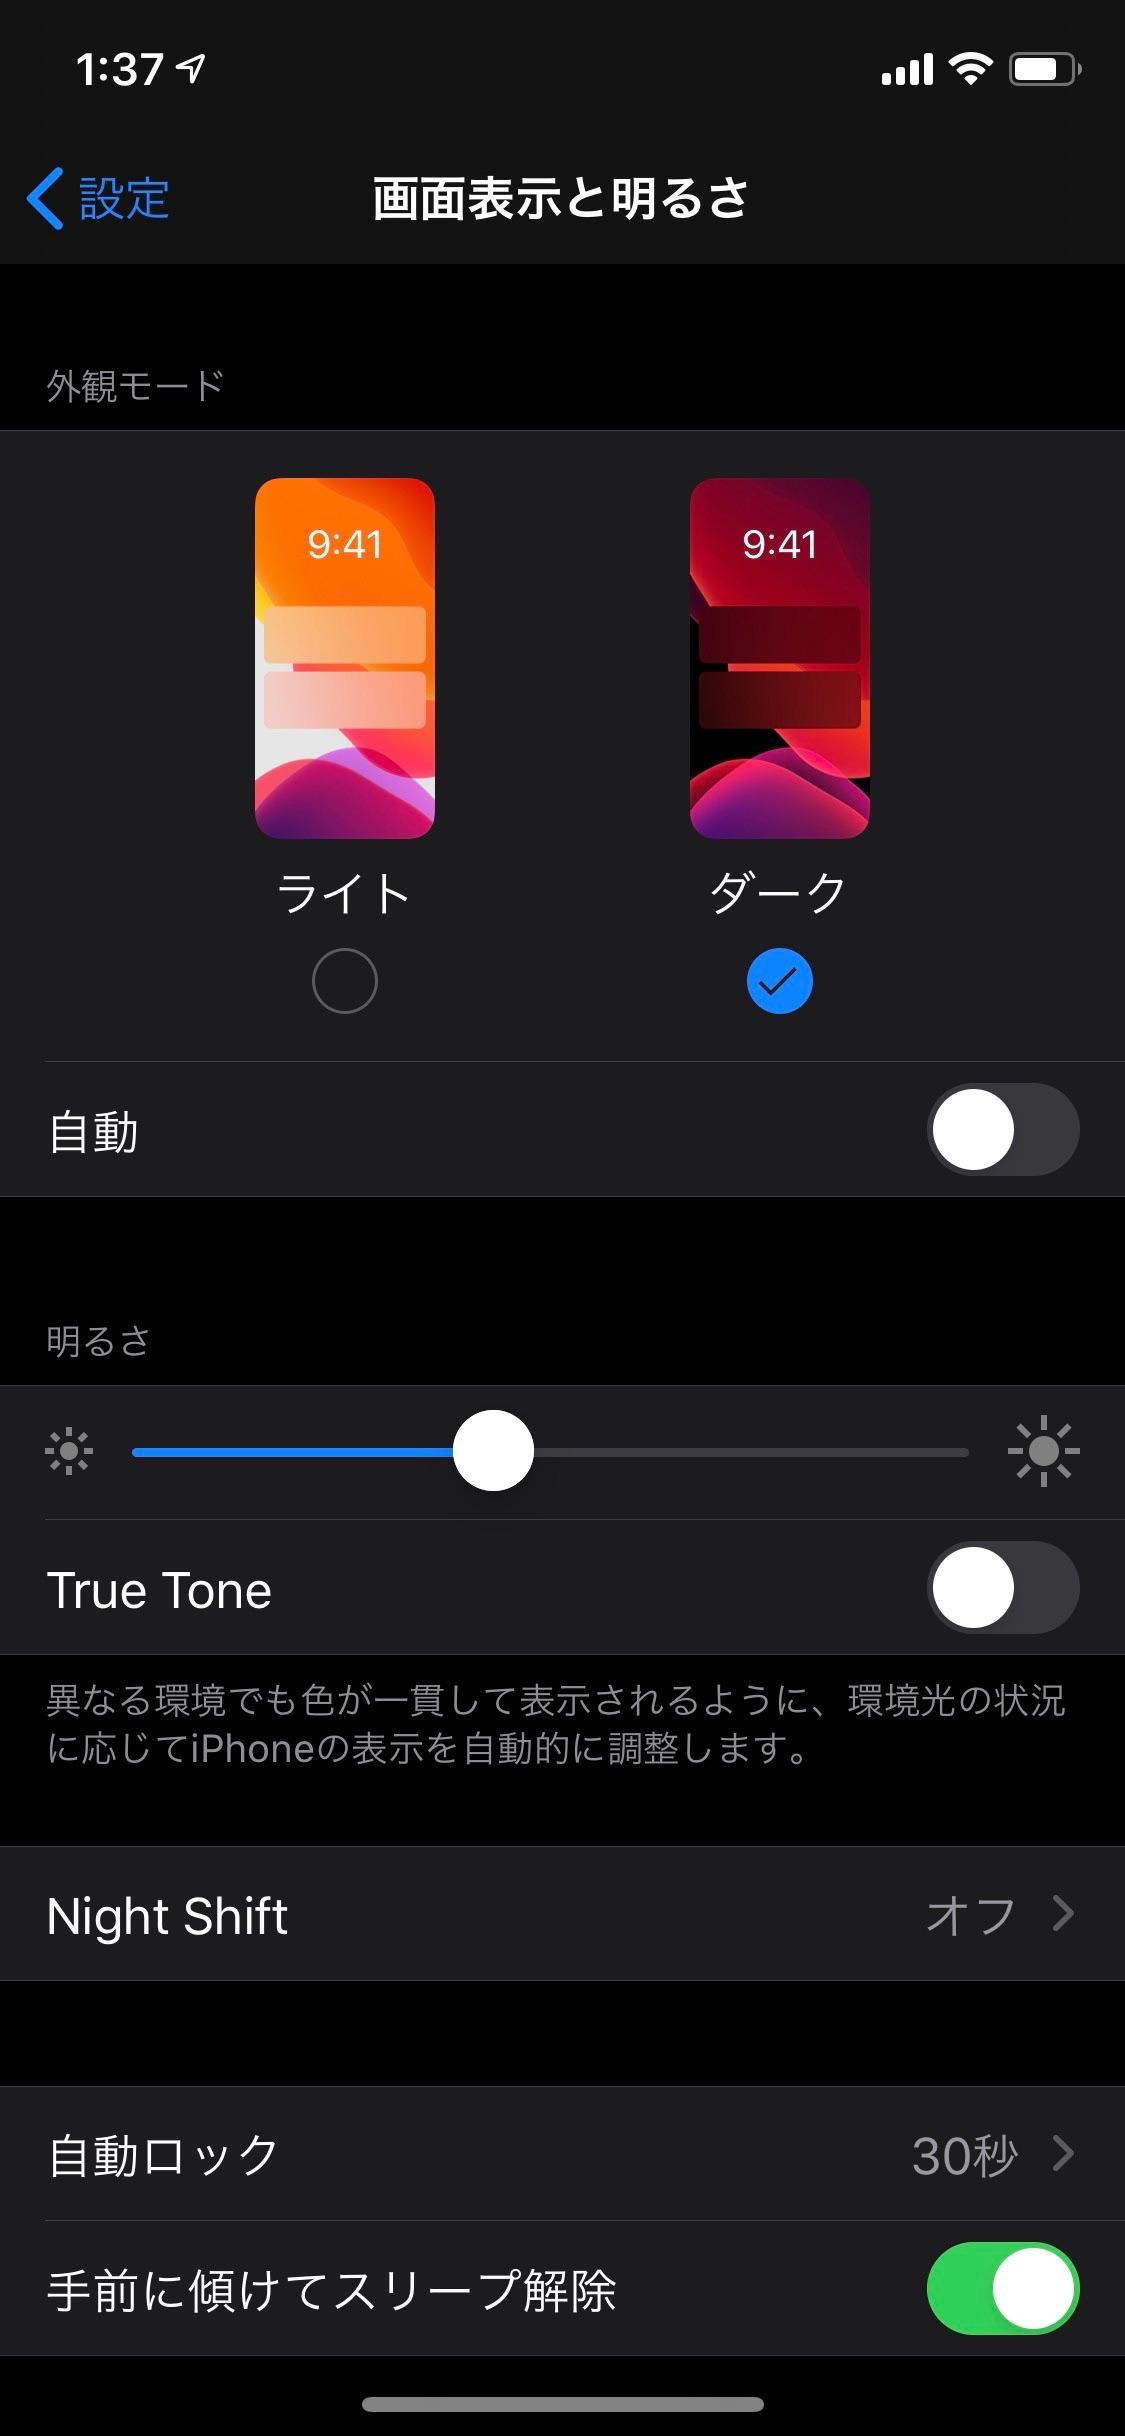 iOS 13でダークモードにする方法